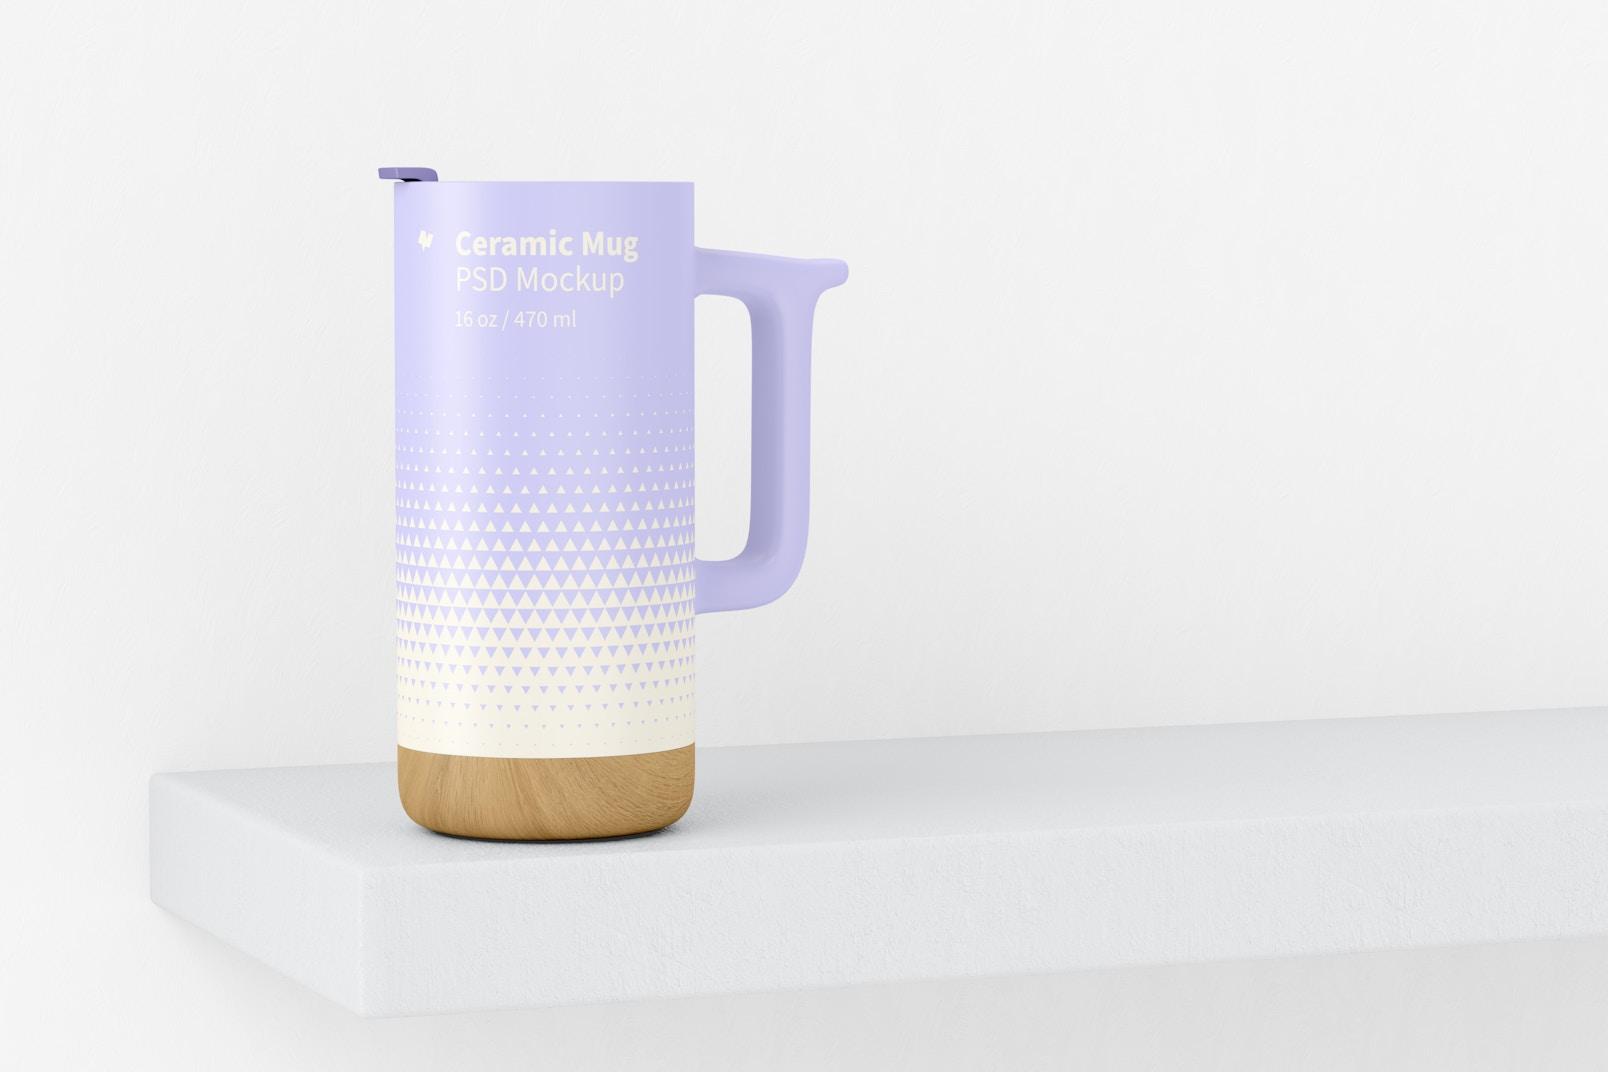 16 oz Ceramic Mug with Wood Base Mockup, Perspective